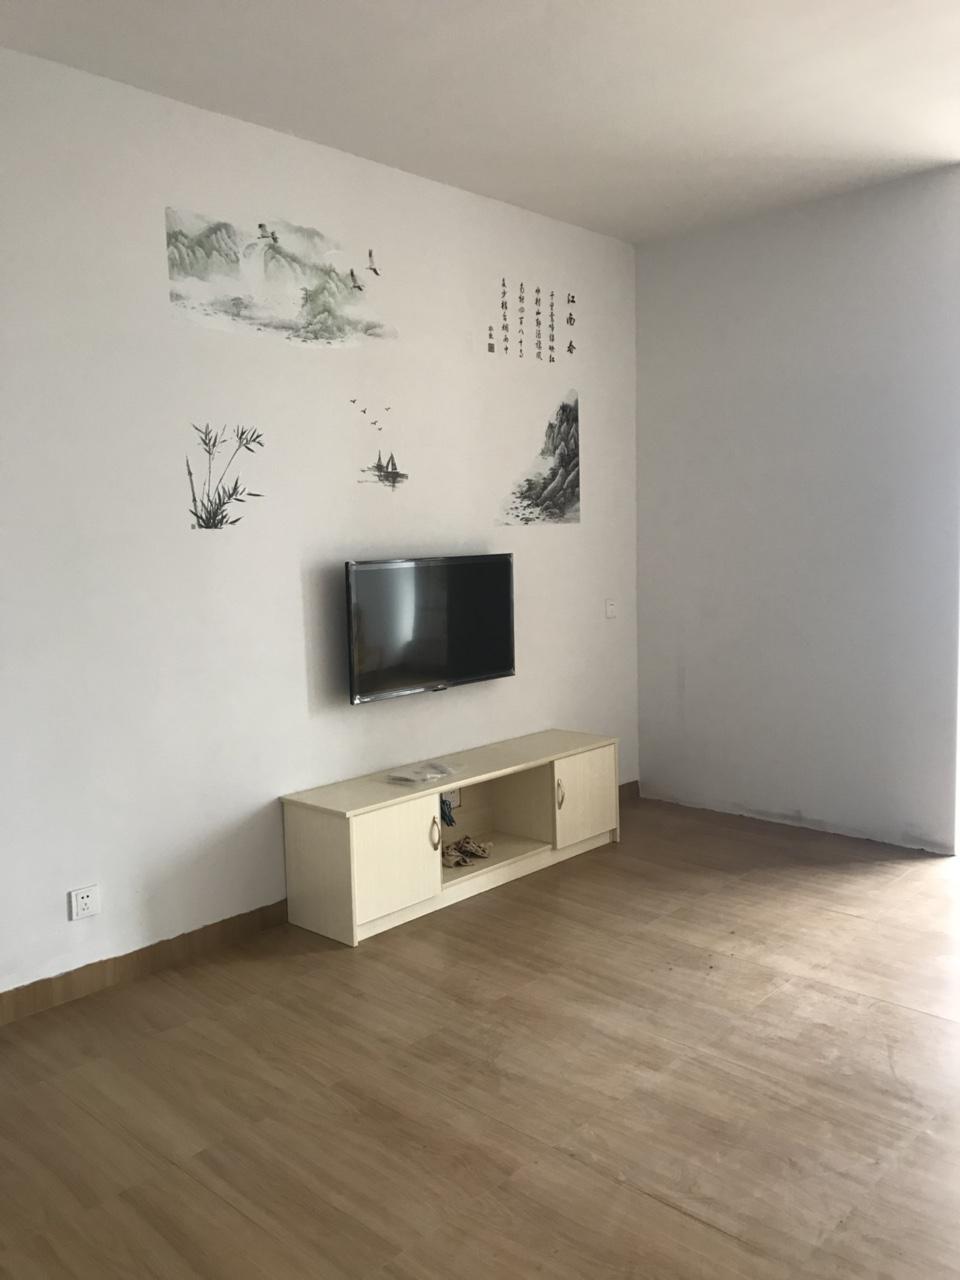 950元/月两室一厅全新装修家电齐全